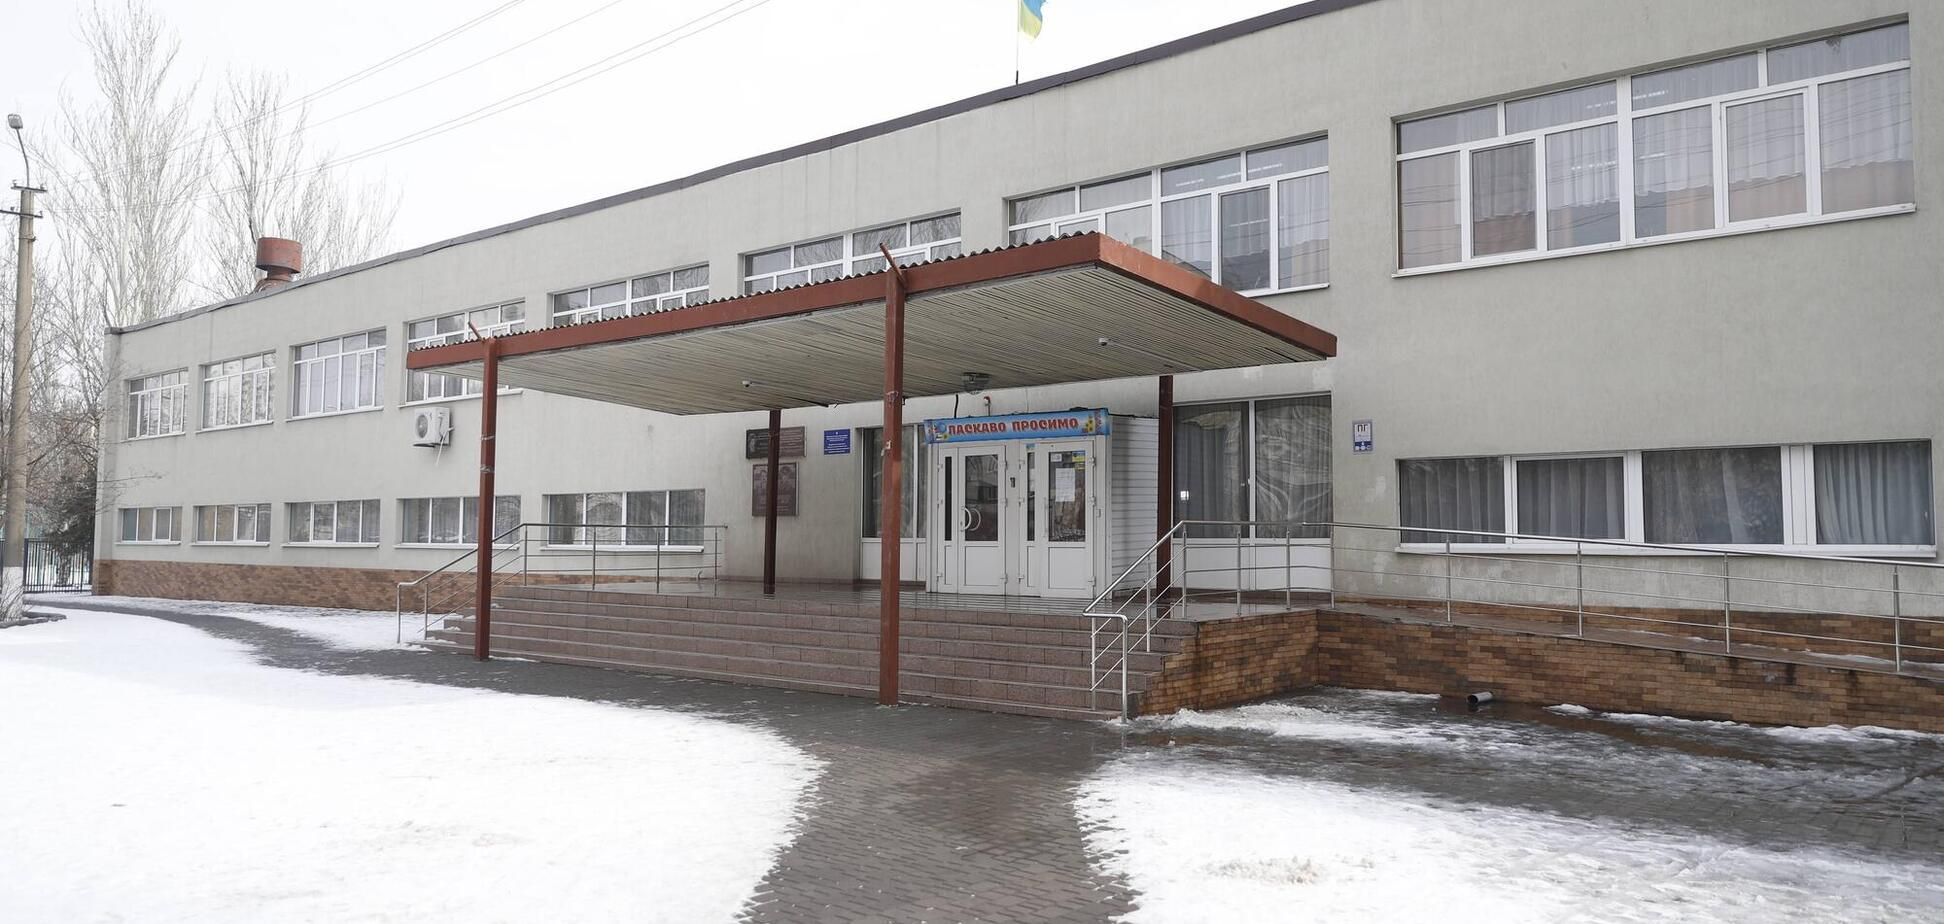 УВК №66 присоединился к программе 'Безопасная школа' в 2018 году